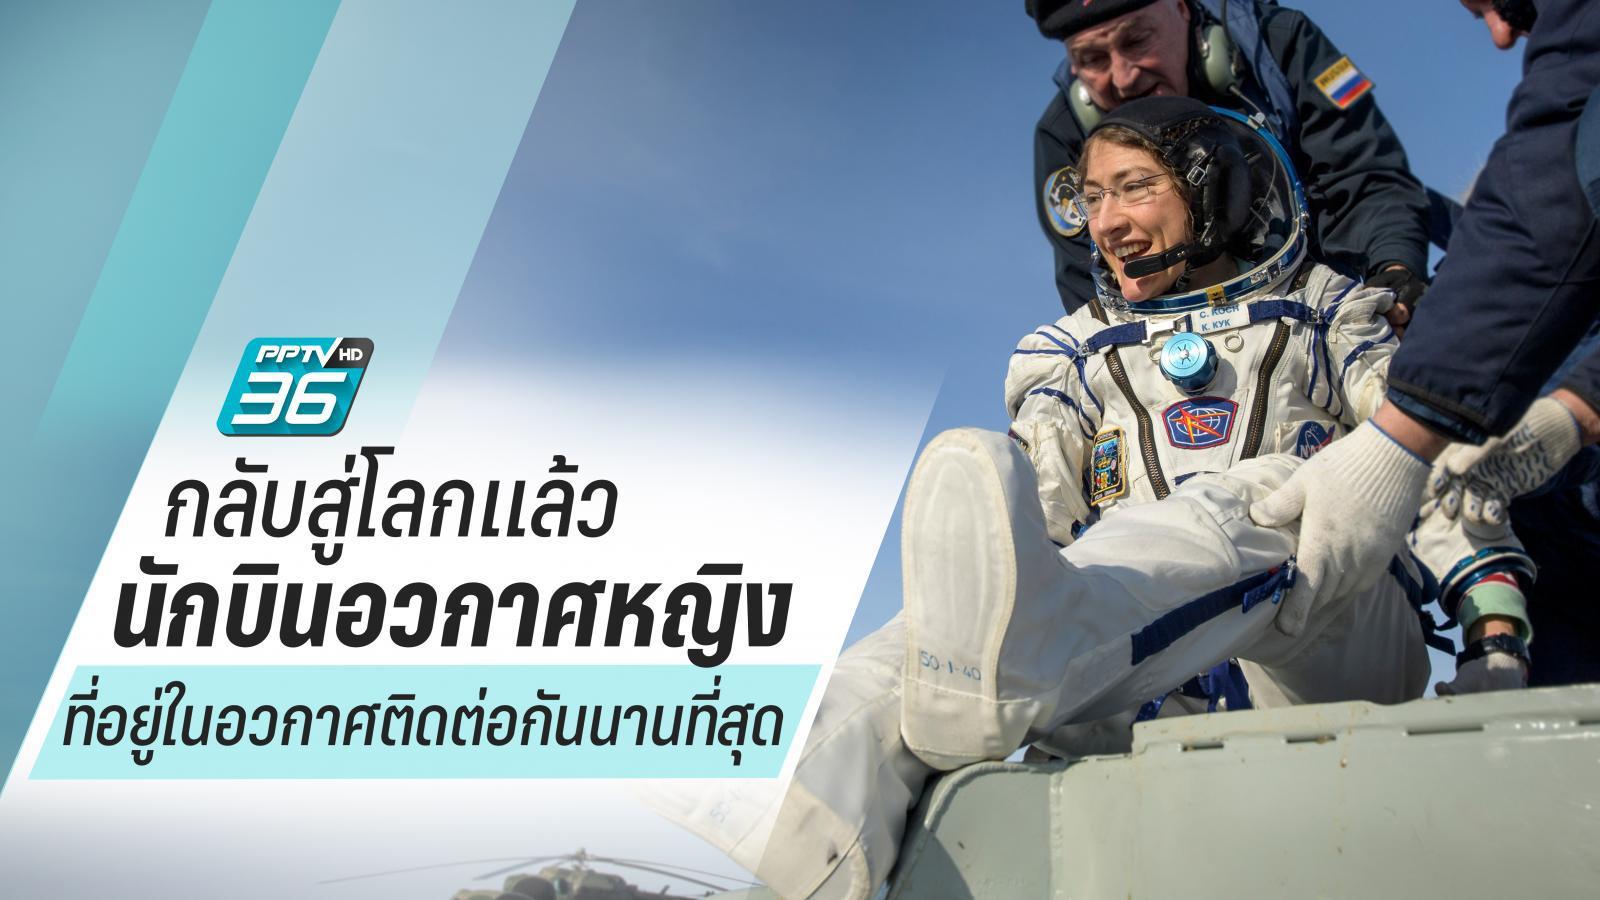 นักบินอวกาศหญิง อยู่ในอวกาศติดต่อกันนานที่สุด กลับสู่โลก